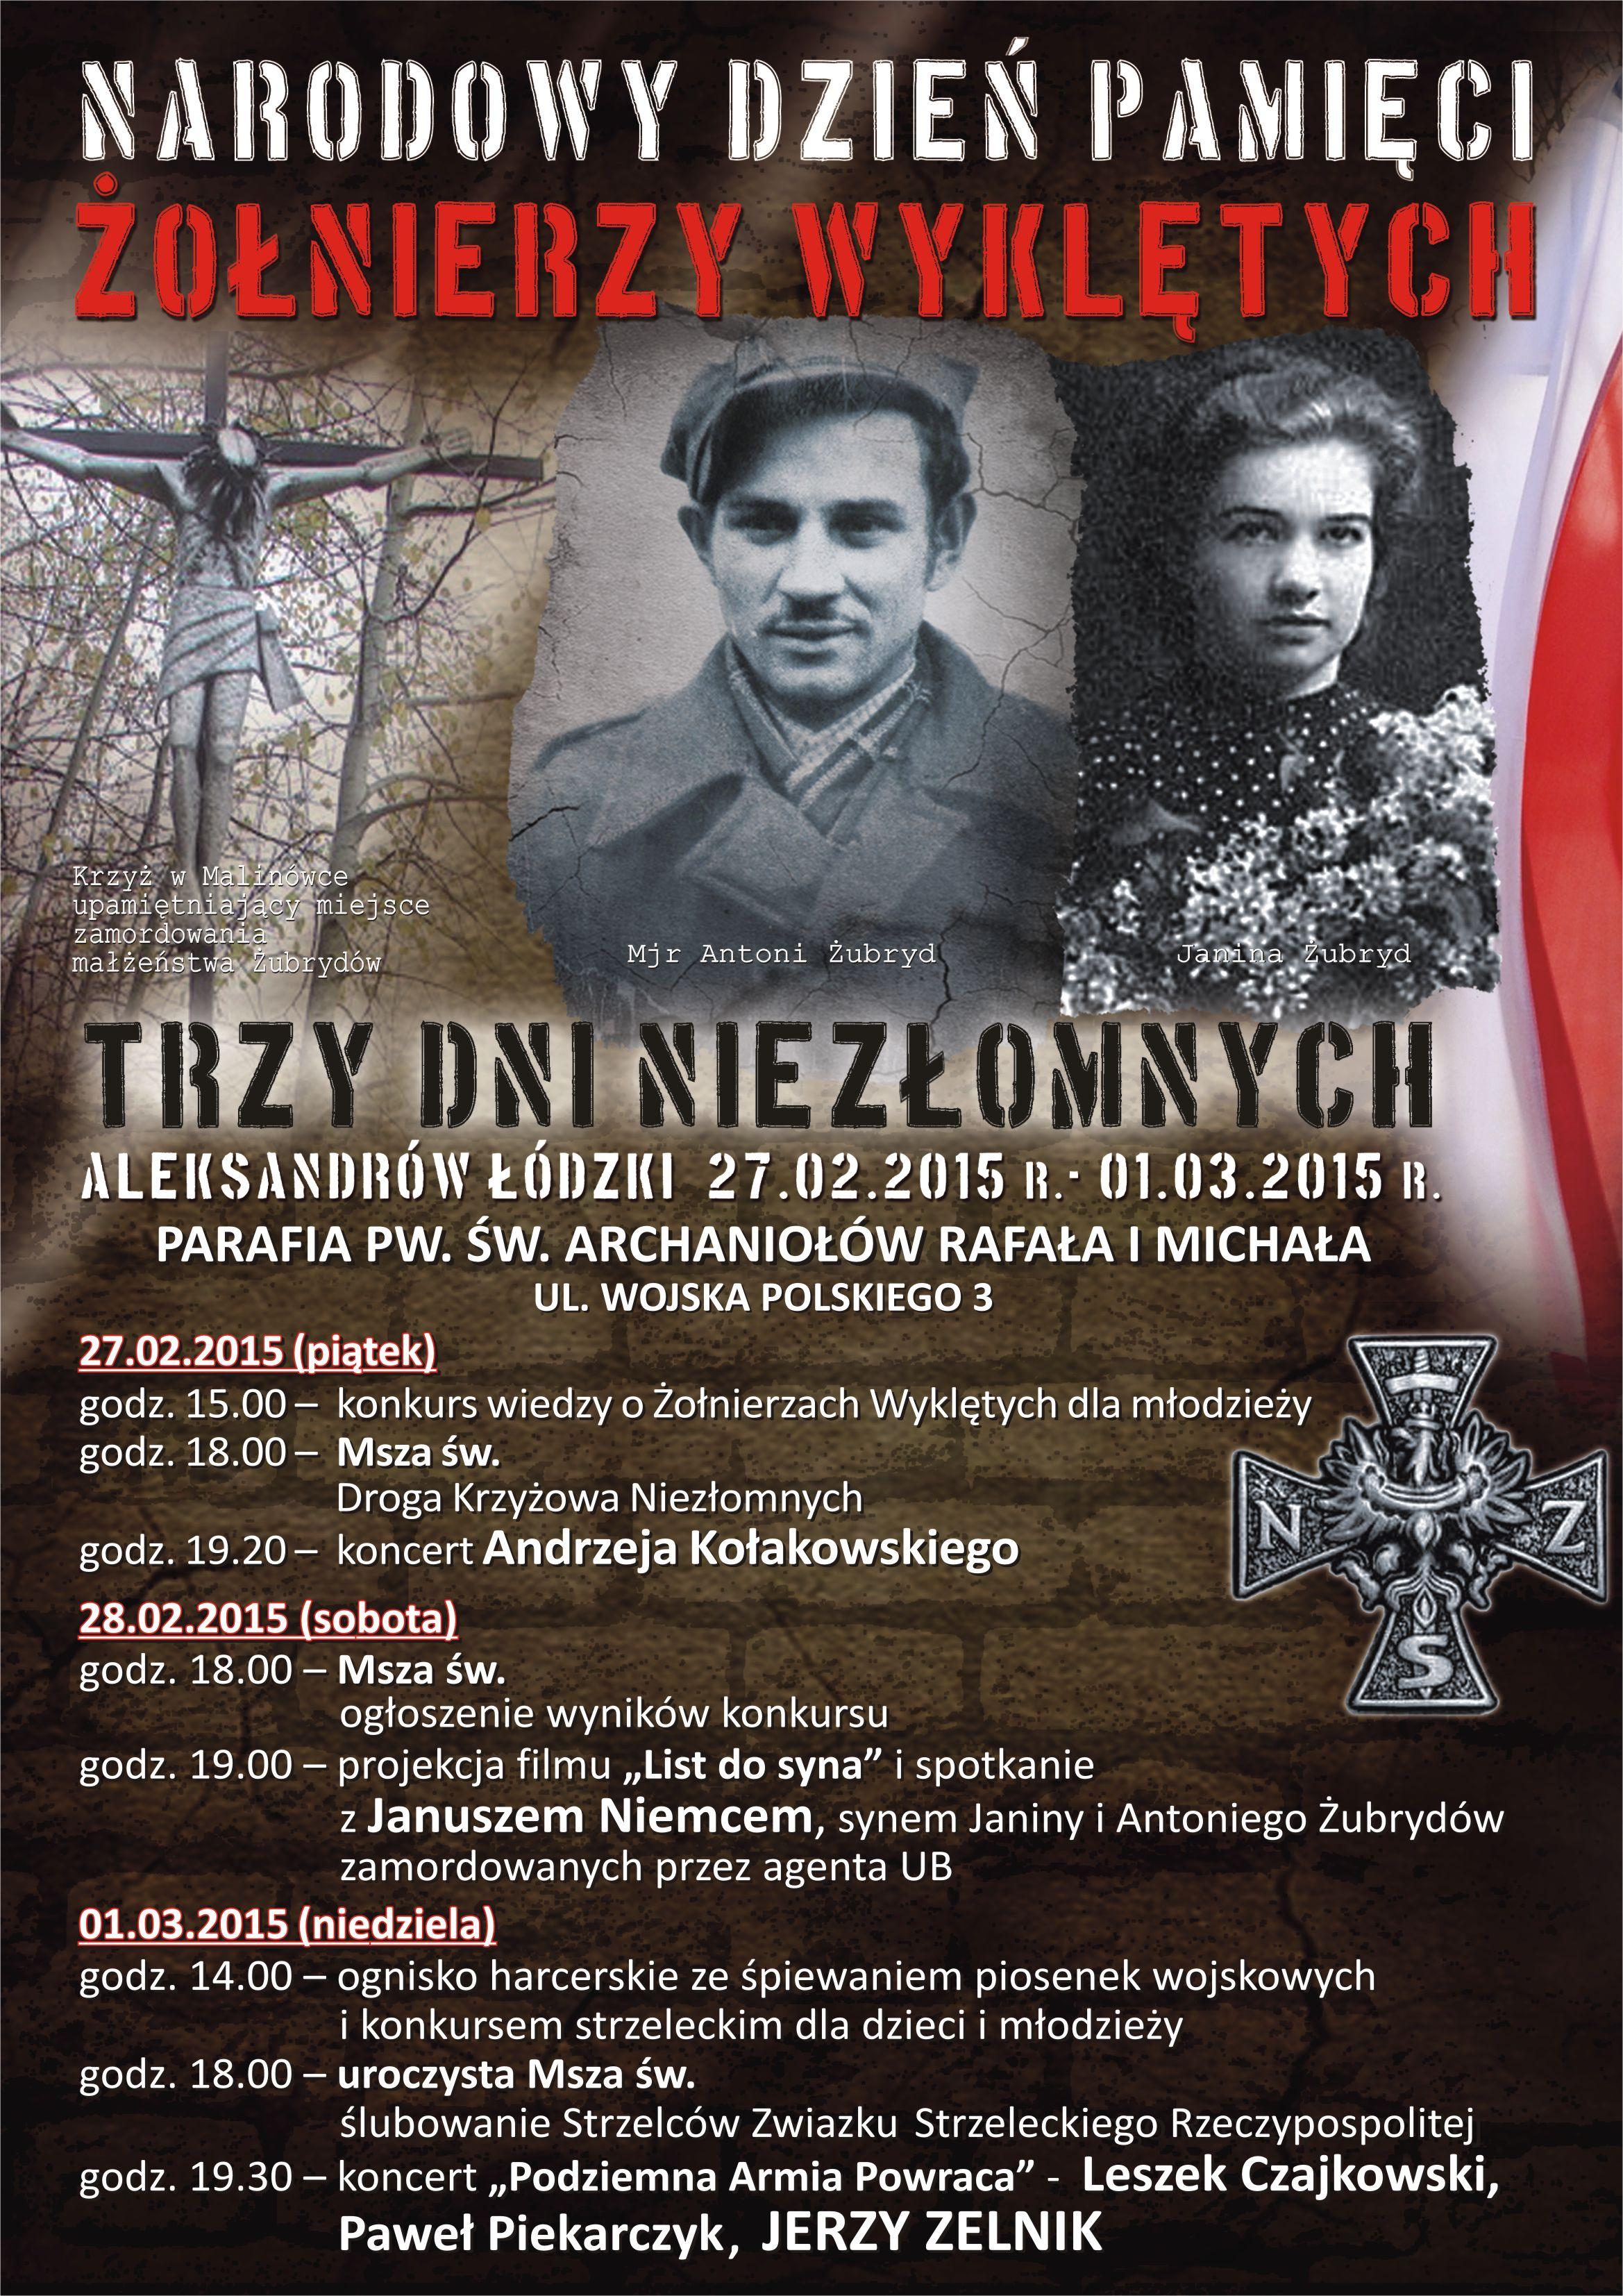 AleksandrowLodzki Zolnierze Wykleci 2015